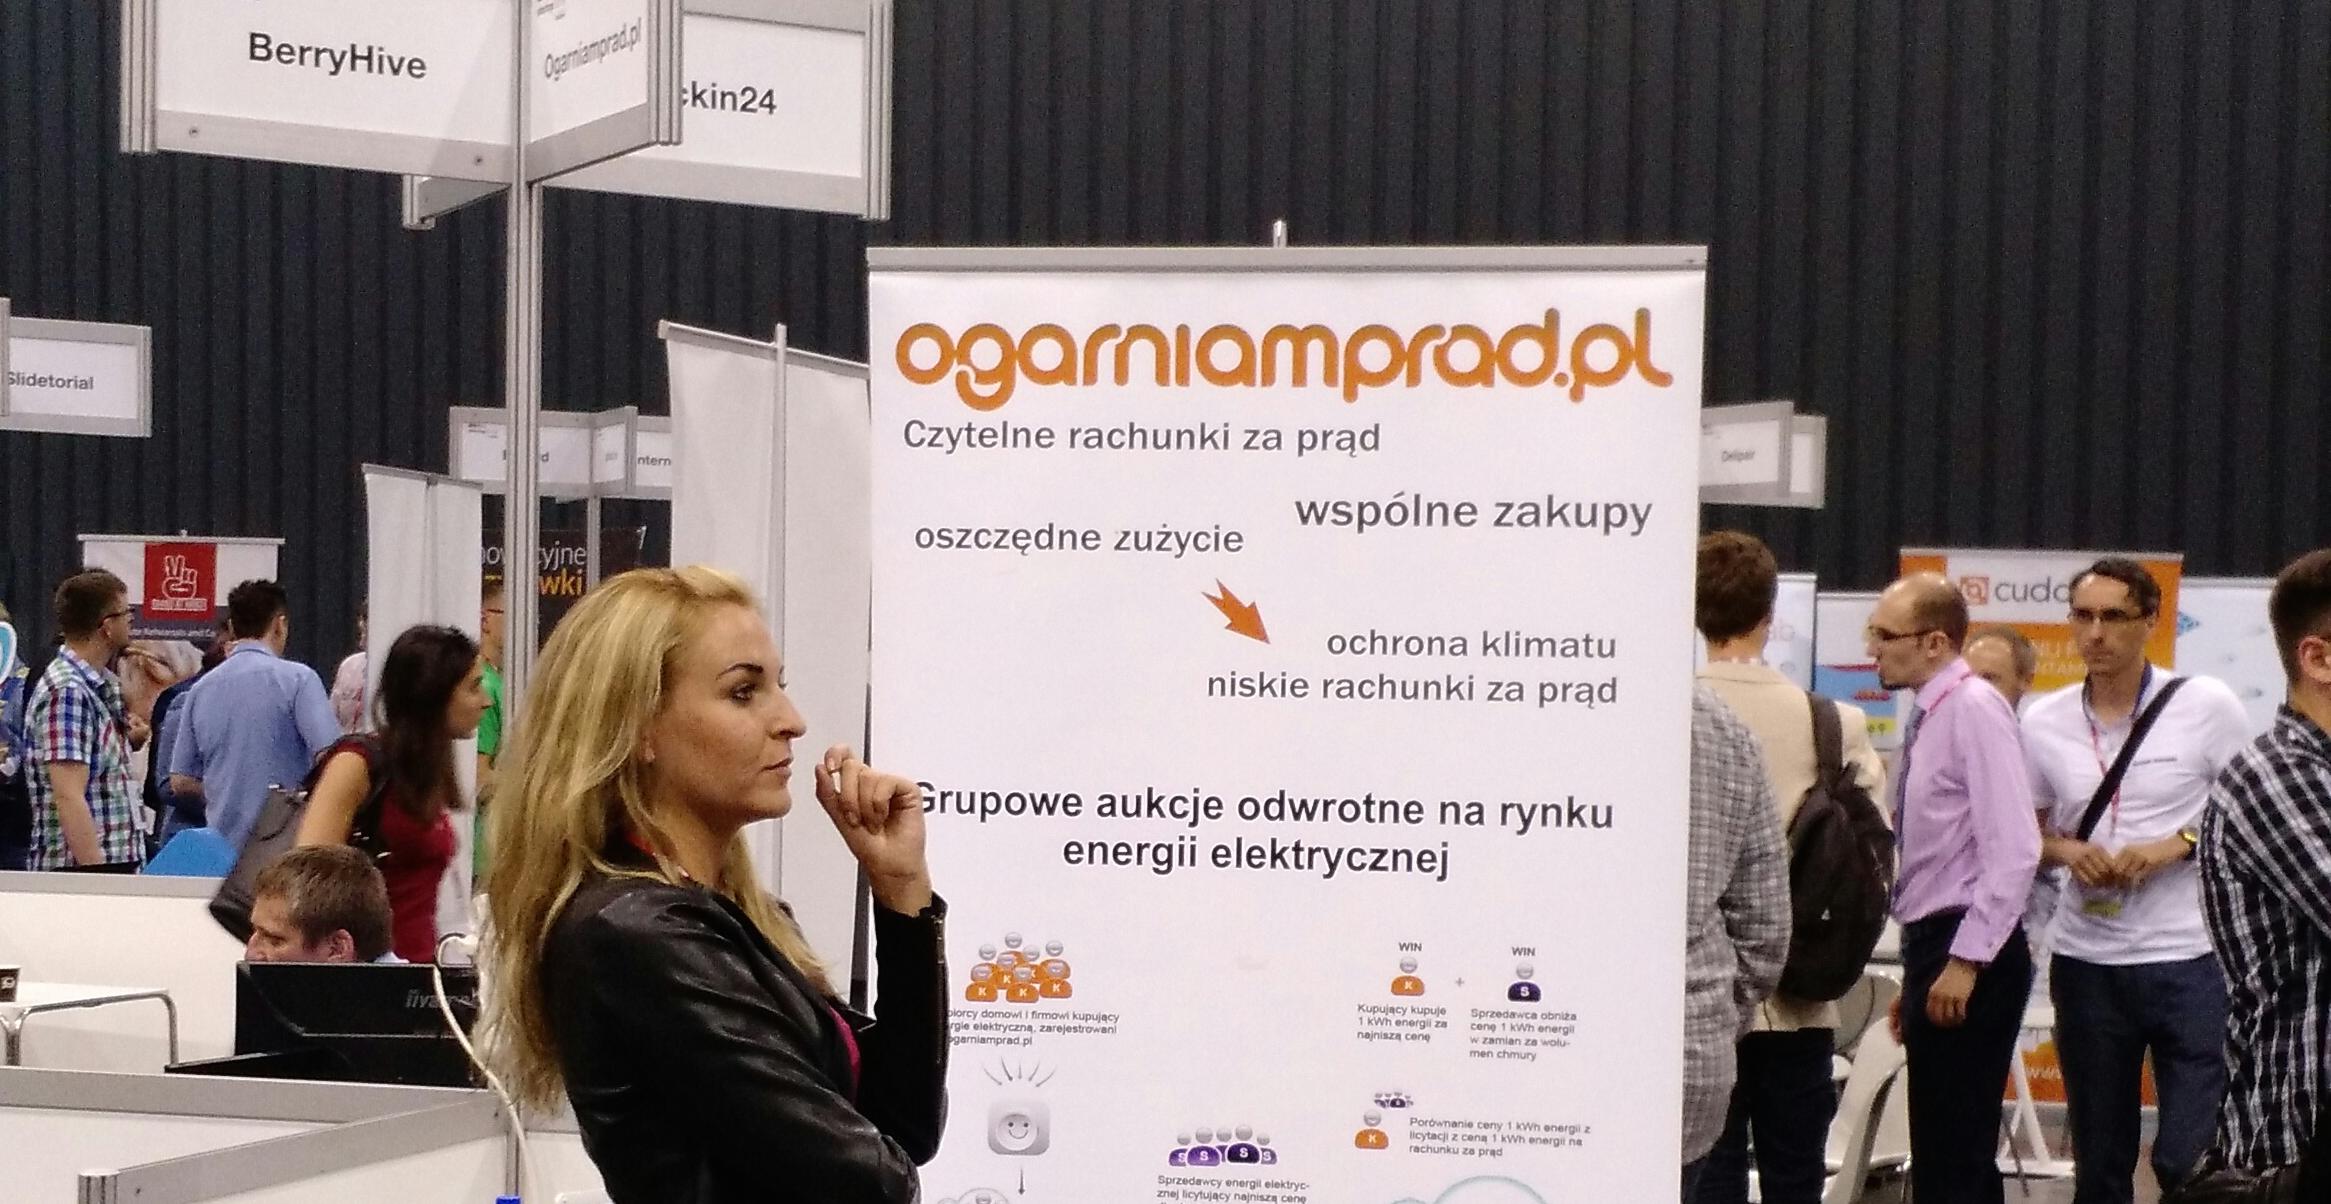 Dzięki temu polskiemu serwisowi dostawcy prądu będą bili się o ciebie i twoje pieniądze. A ty zapłacisz mniej